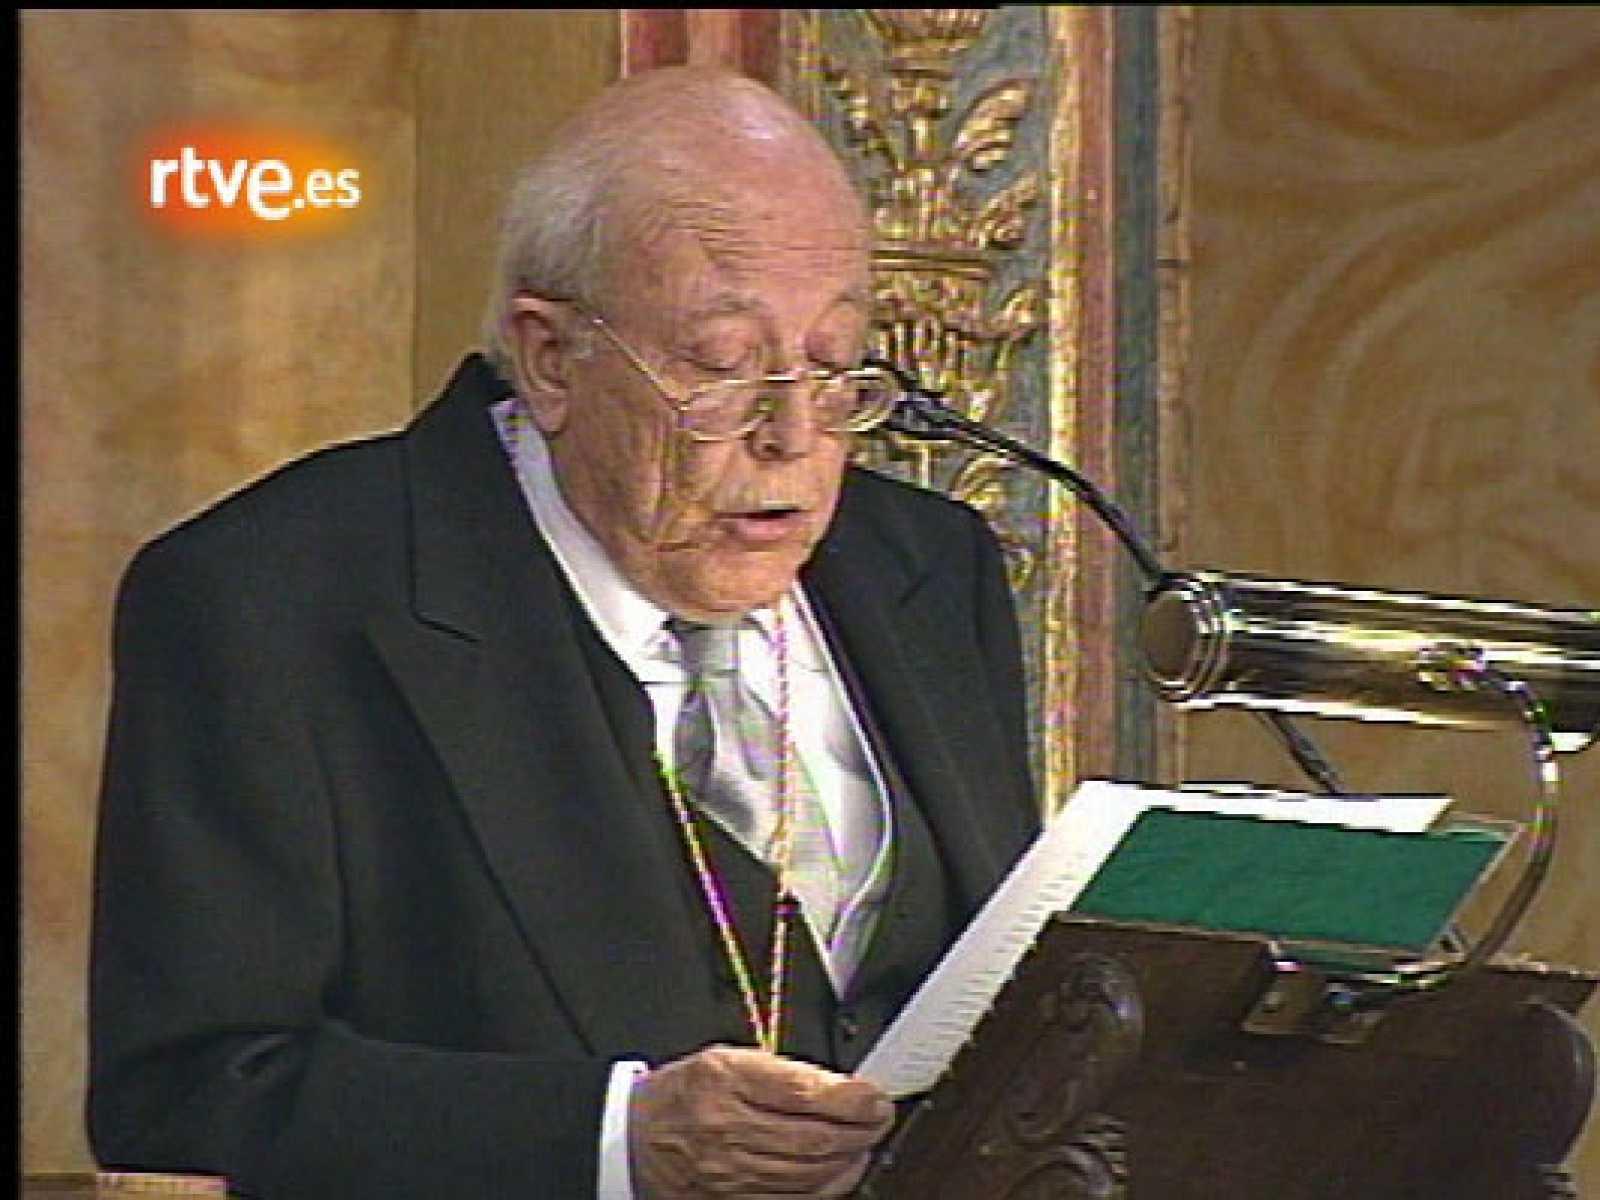 Discurso José Jiménez Lozano, Premio Cervantes 2002